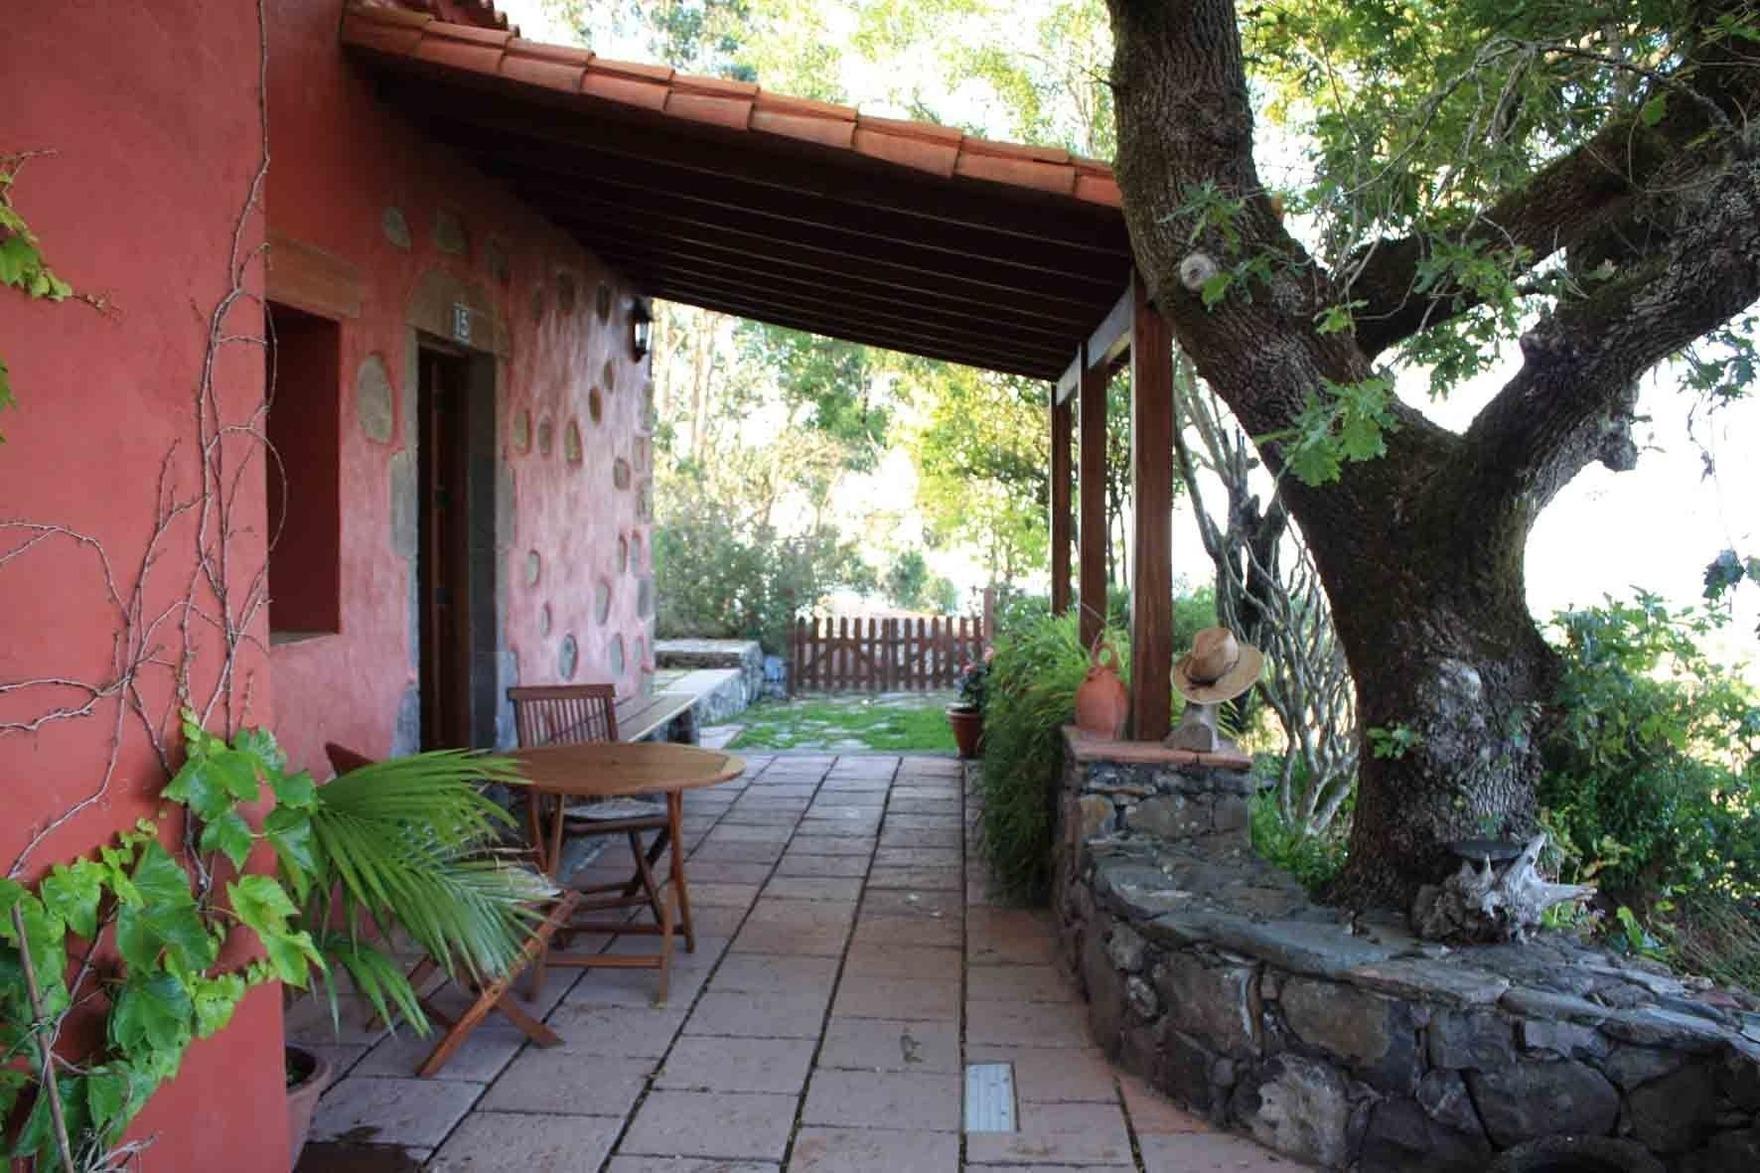 Maison de vacances CASA COMPLETA CON PISCINA PRIVADA EL ROBLE (2722481), San Fernando, Grande Canarie, Iles Canaries, Espagne, image 10